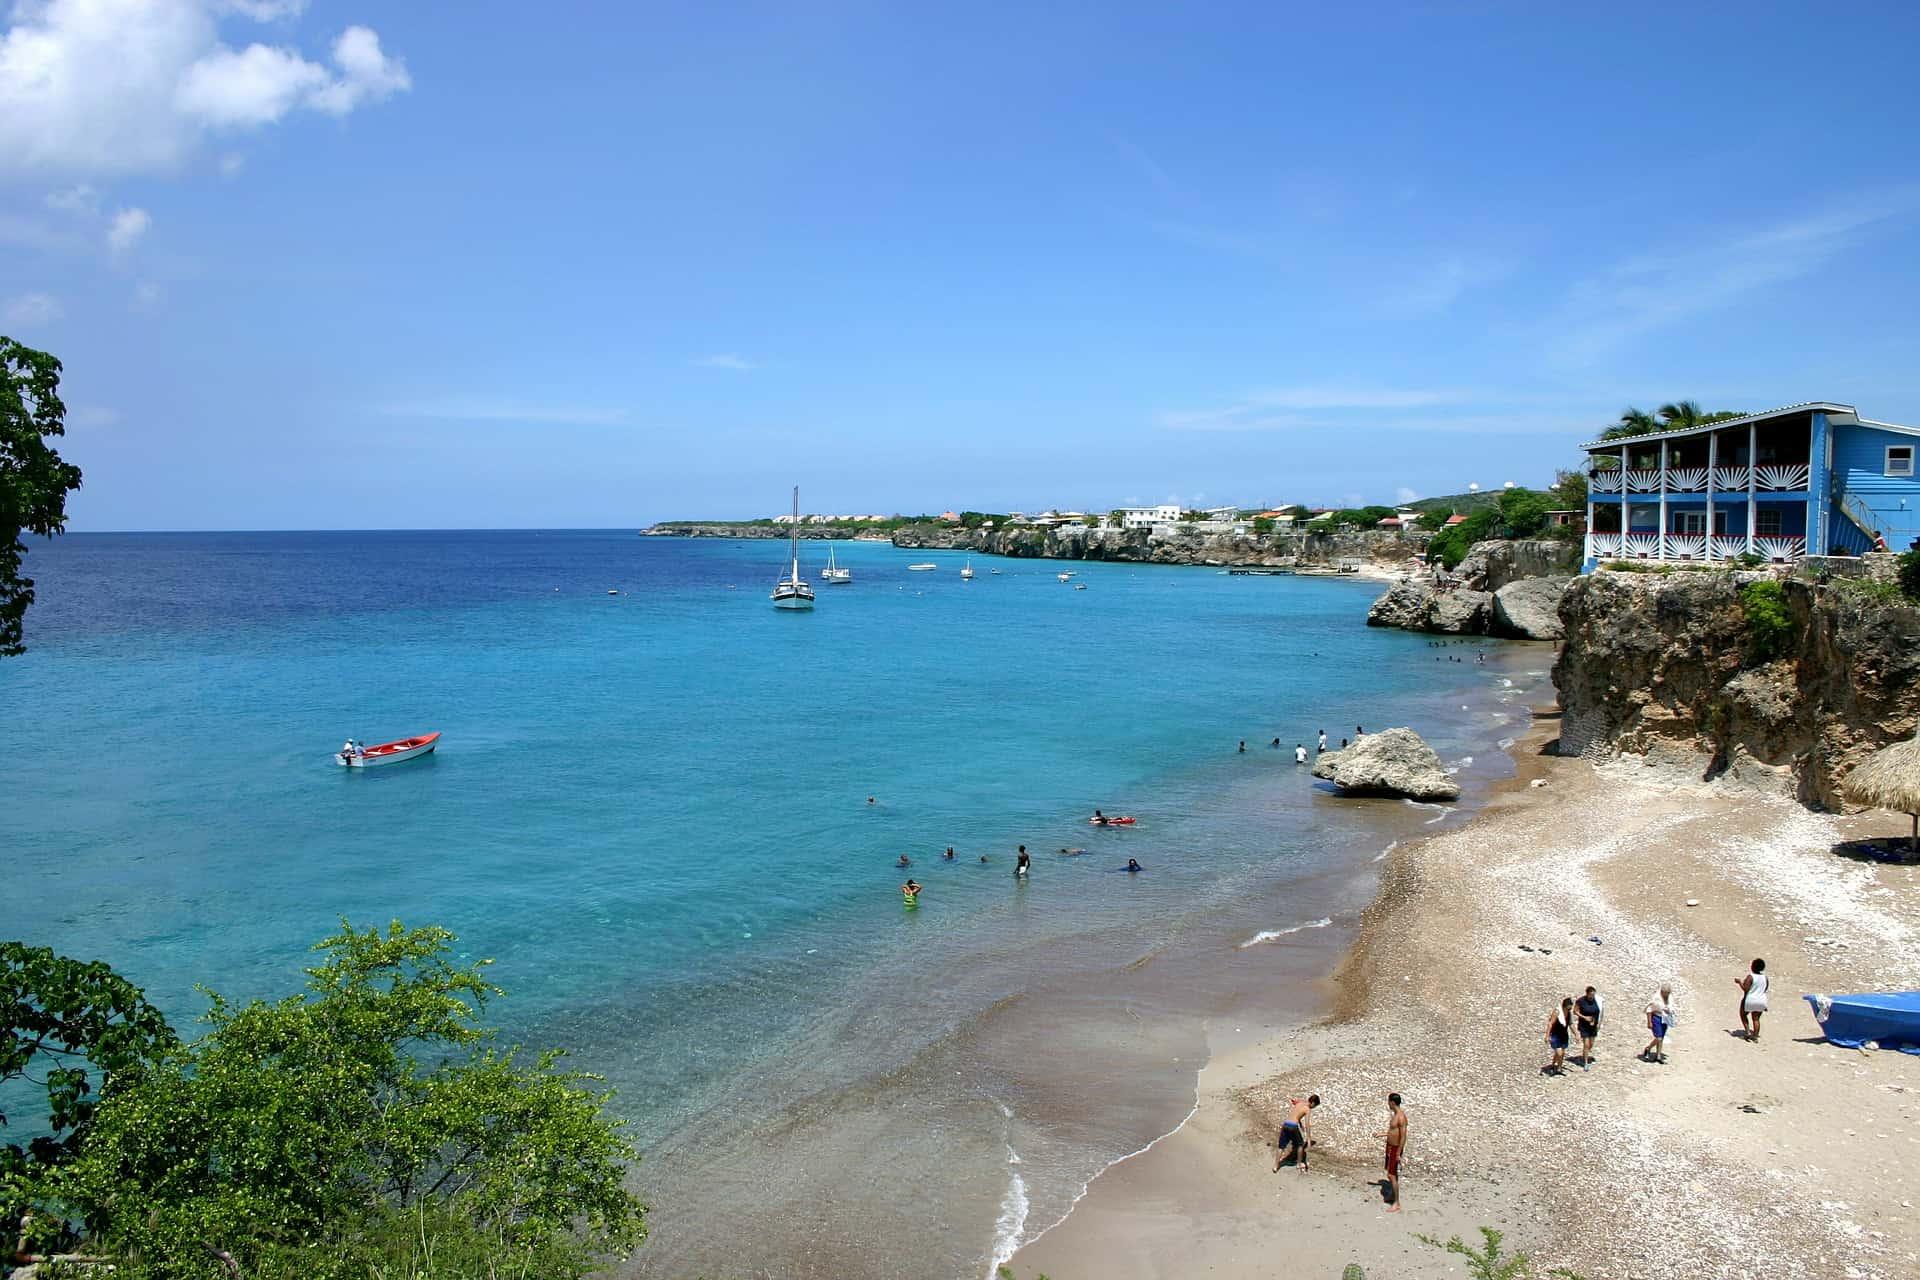 Sint Maarten Tauchen in auf der Insel Curacao in der Karibik